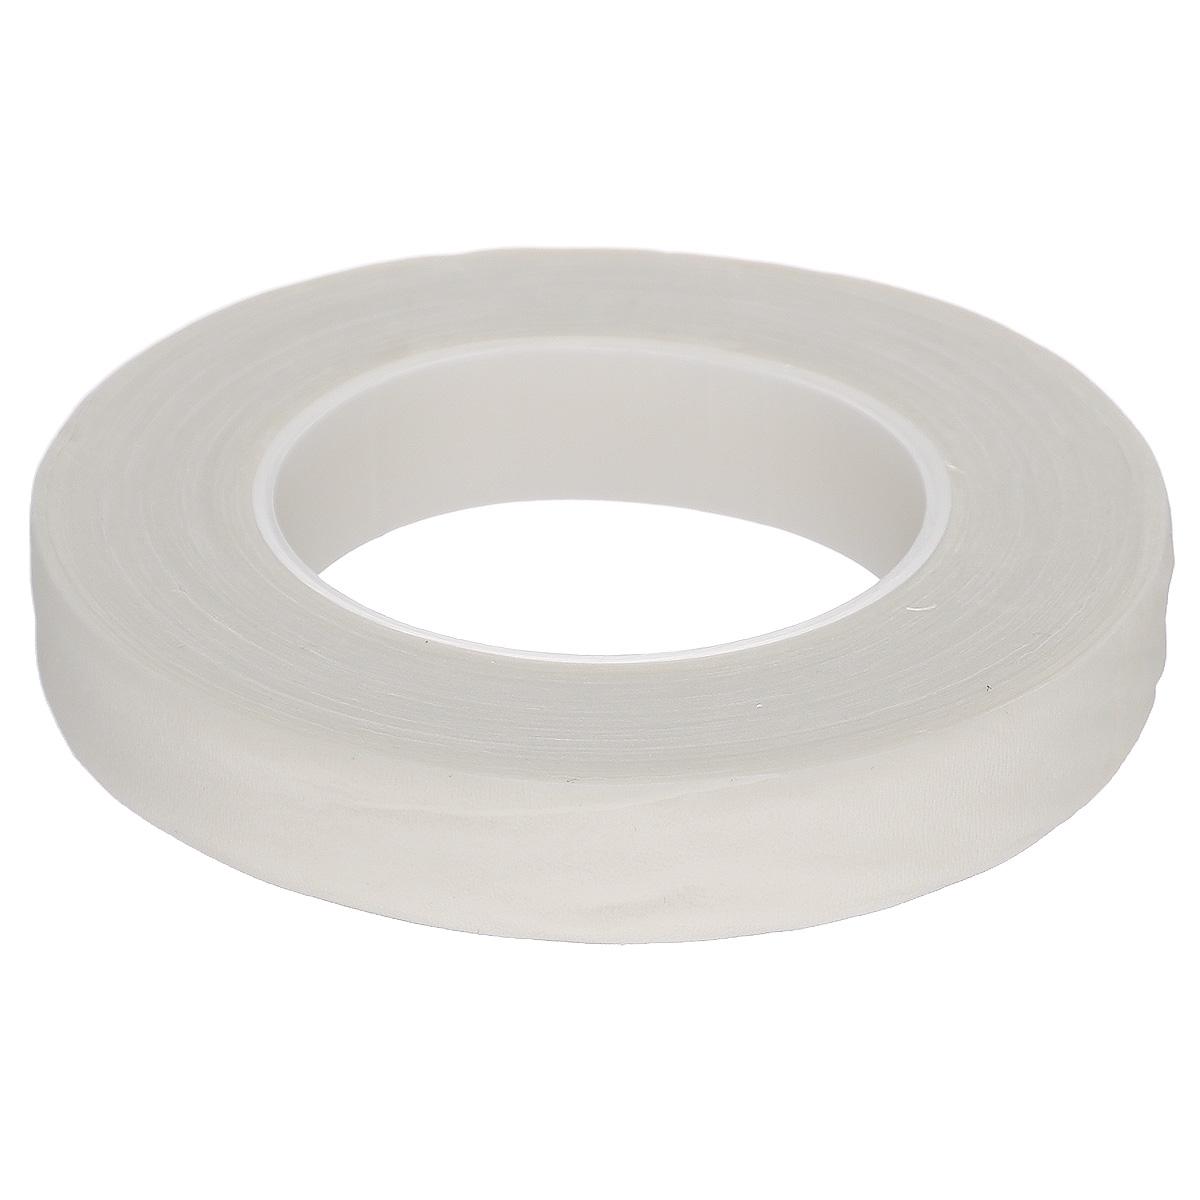 Лента флористическая Fleur, цвет: белый, 1,3 см х 2700 см55052Флористическая лента Fleur - это тонкая эластичная лента в катушке с легким клеящим эффектом. Она липкая, тонкая, легкая, водонепроницаемая, хорошо растягивается. Лента бывает широкой и узкой. Широкая лента в основном используется для крепления к сосуду флористической губки, узкой лентой также иногда перекрещивается отверстие широкогорлового сосуда для закрепления растений. Флористическая лента может использоваться в квиллинге при изготовлении цветов на проволоке, конфетных деревьев, украшений из бисера, различного декора. В основном лента применяется для декорирования проволоки в букетах в соответствии с цветом букета. При намотке флористическую ленту необходимо немного натягивать, чтобы она лучше прилипала к стеблю цветка. Особенности флористической ленты: - Легко разглаживается и плотно прилегает к поверхности,- Принимает любую форму,- Позволяет продлить свежесть цветка, поэтому необходима при создании свадебных букетов и других аксессуаров из цветов,- Лентой можно загрунтовать гладкую поверхность перед закреплением на ней флористической композиции, чтобы фиксация последней была устойчивой.Ширина ленты: 1,3 см.Длина ленты: 27 м.